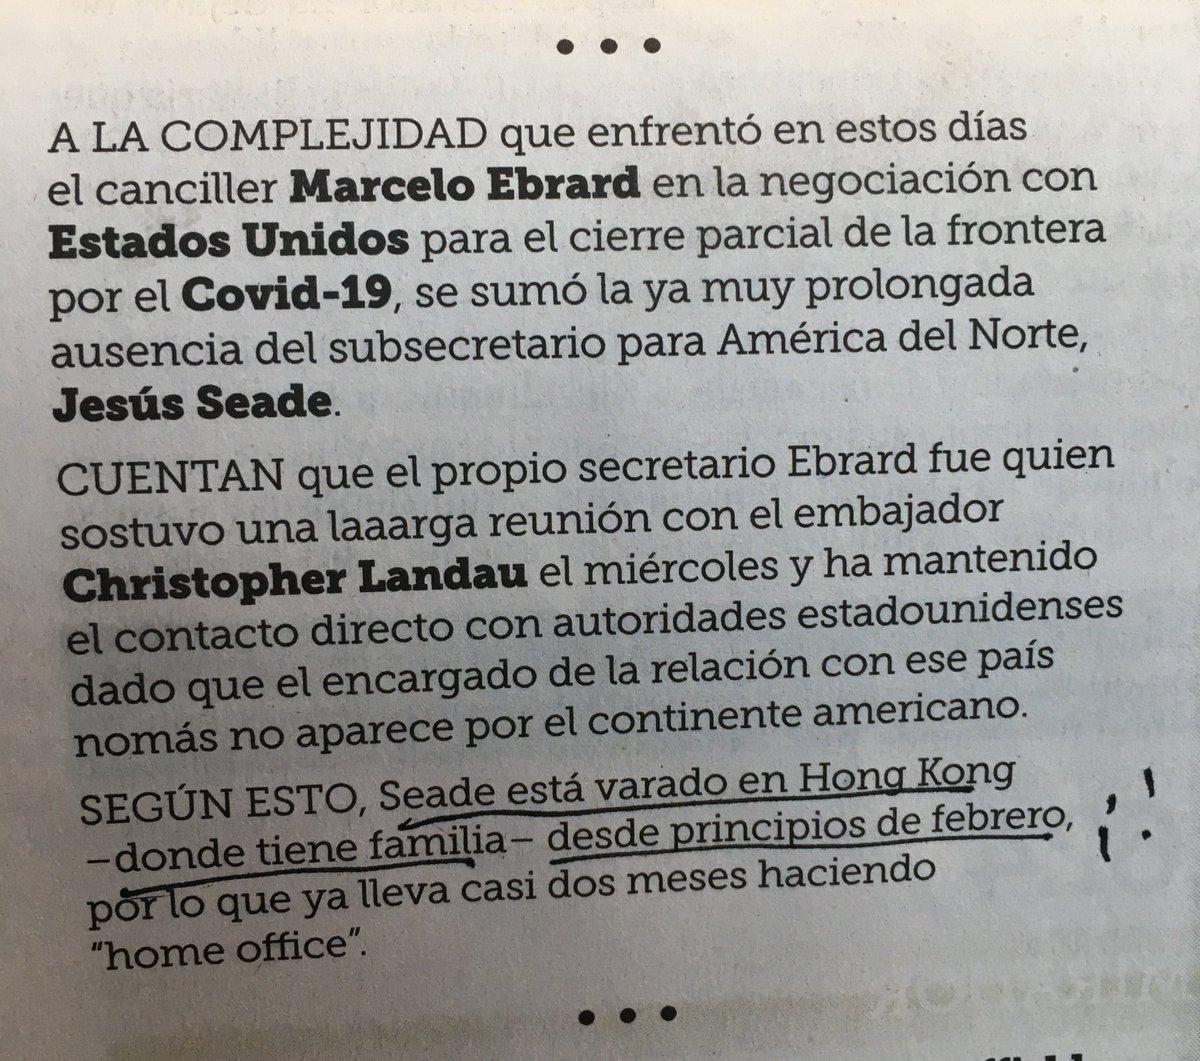 Señores editores de @Reforma: dejen de mentir de manera descarada. El subsecretario @JesusSeade está en México. Lo entrevisté el 2 de marzo y se difundirá mañana la entrevista en @canalcatorcemx. Que autoridad moral puede tener un medio si no confirma ni sus intrigas?